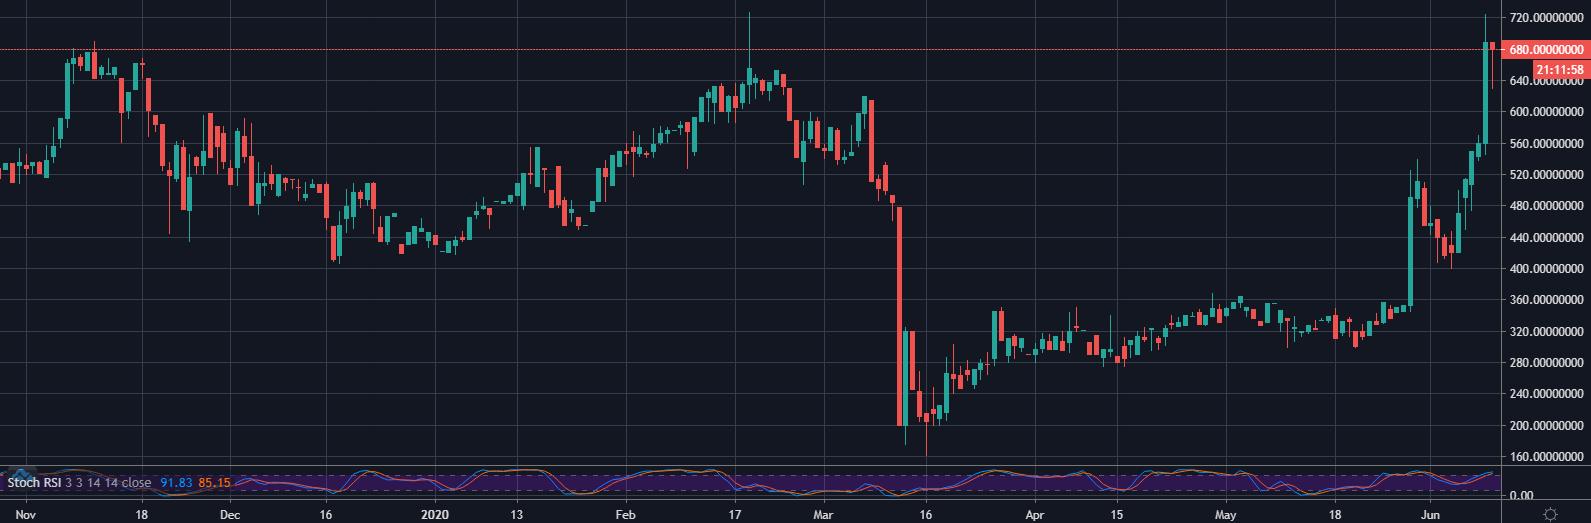 MKR/USD on Bitfinex